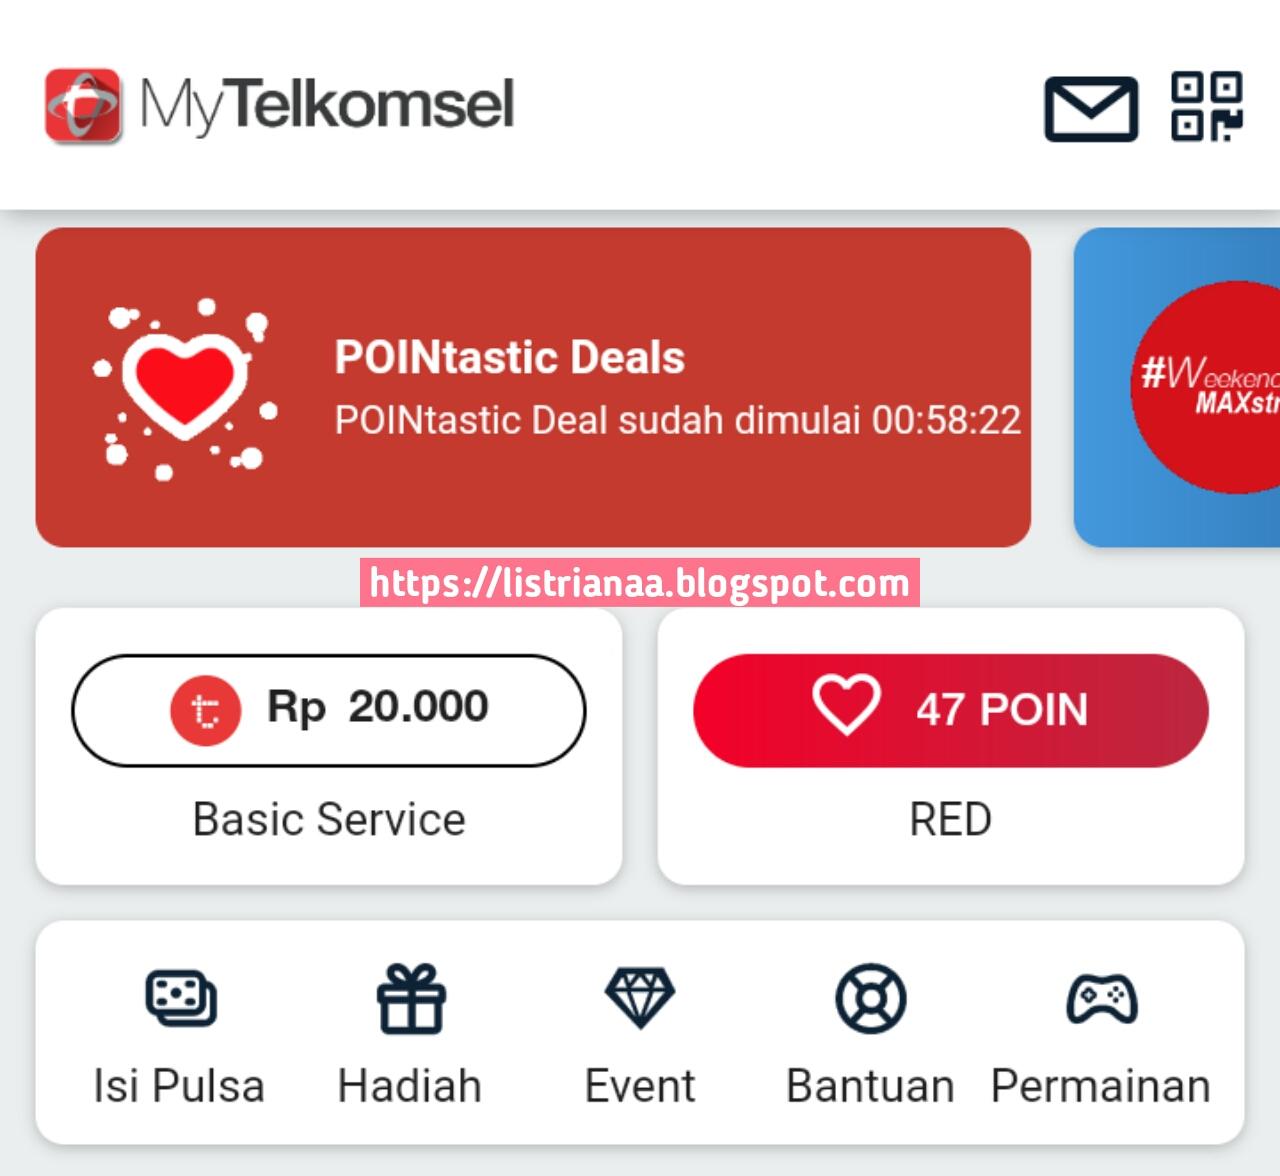 Ikut Event Pointastic Deals Bisa Dapat Saldo Tcash Dan Smartphone, Tutorialnya ? 2